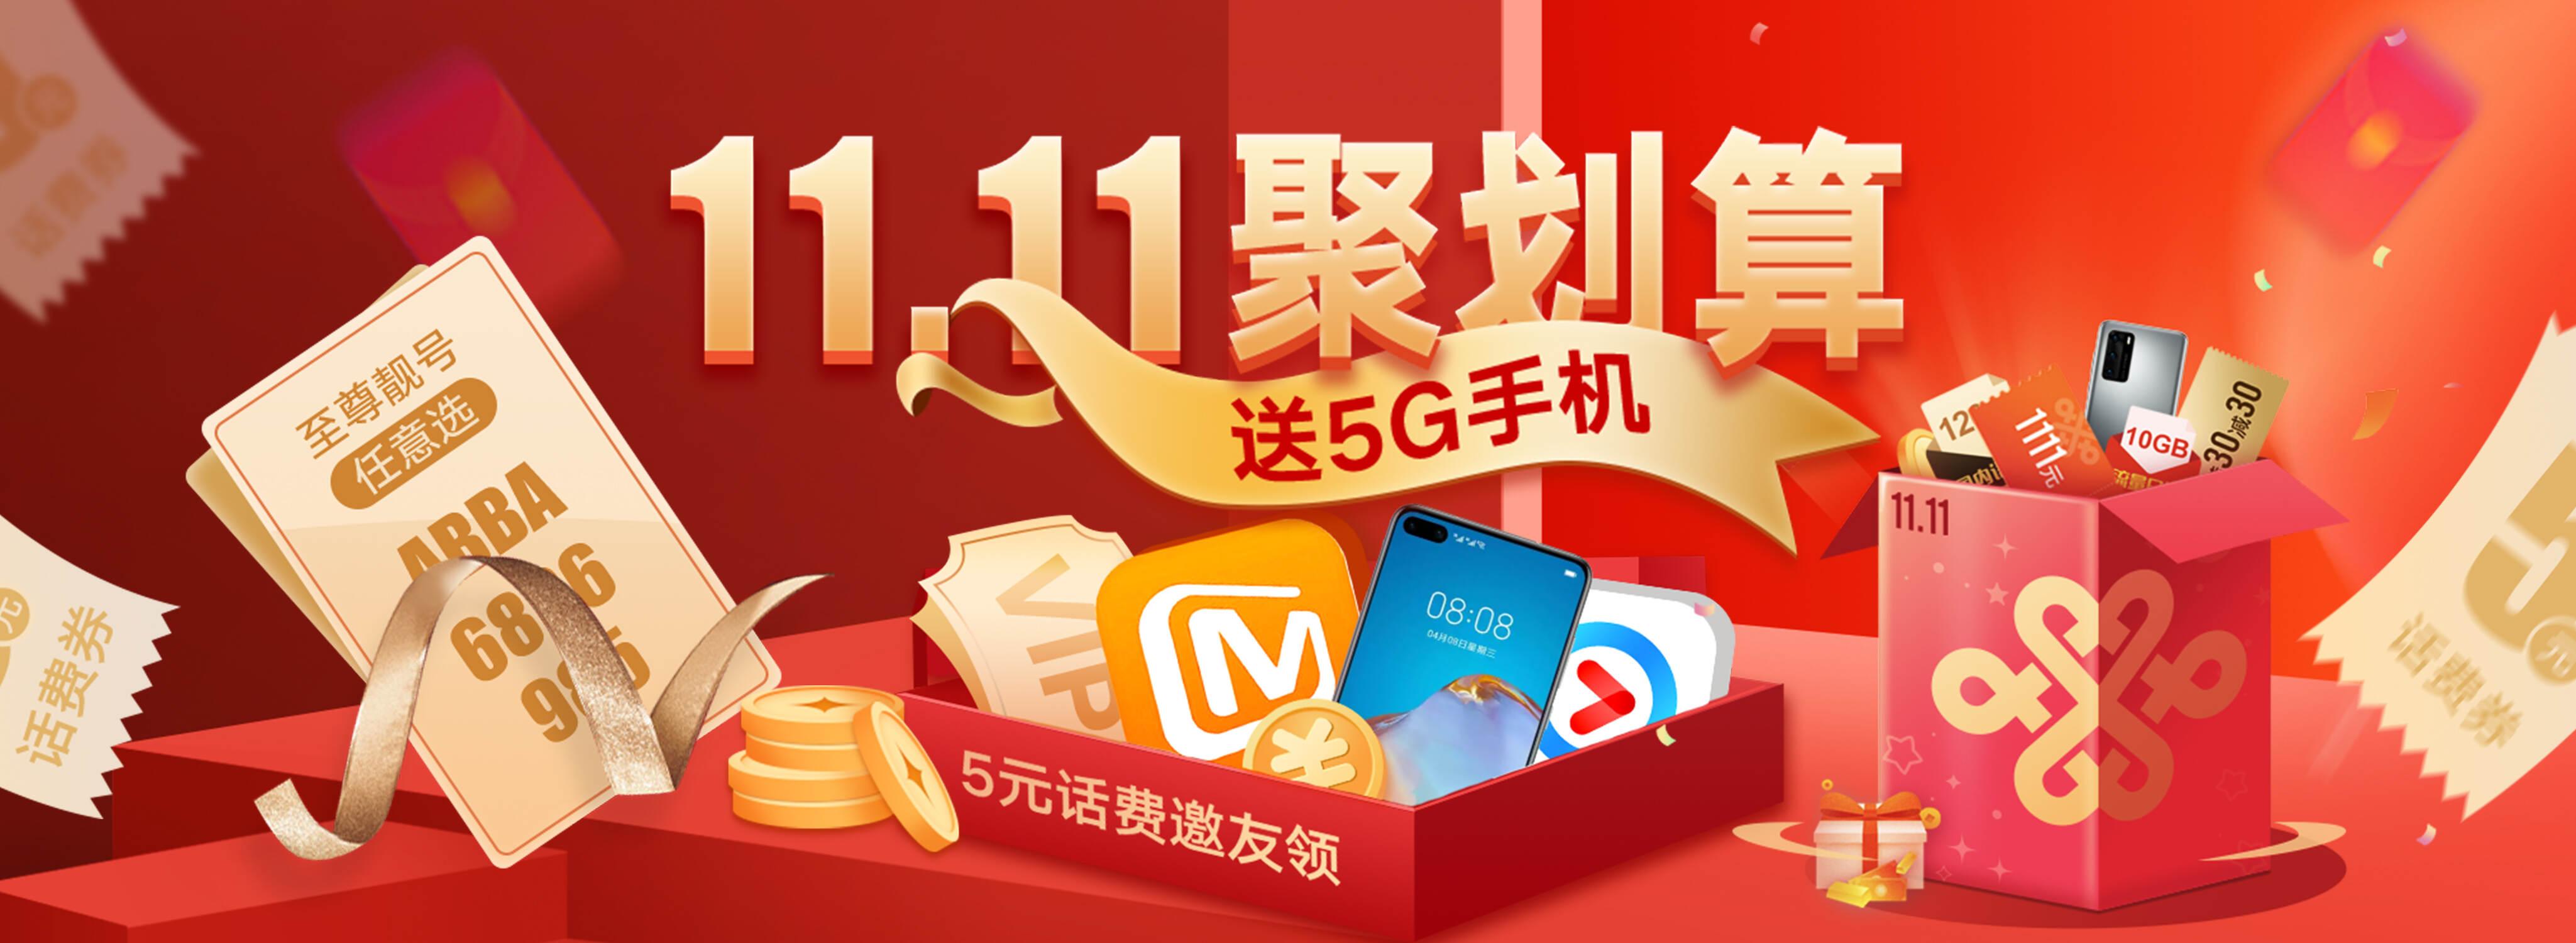 11.11聚划算 送5G手机